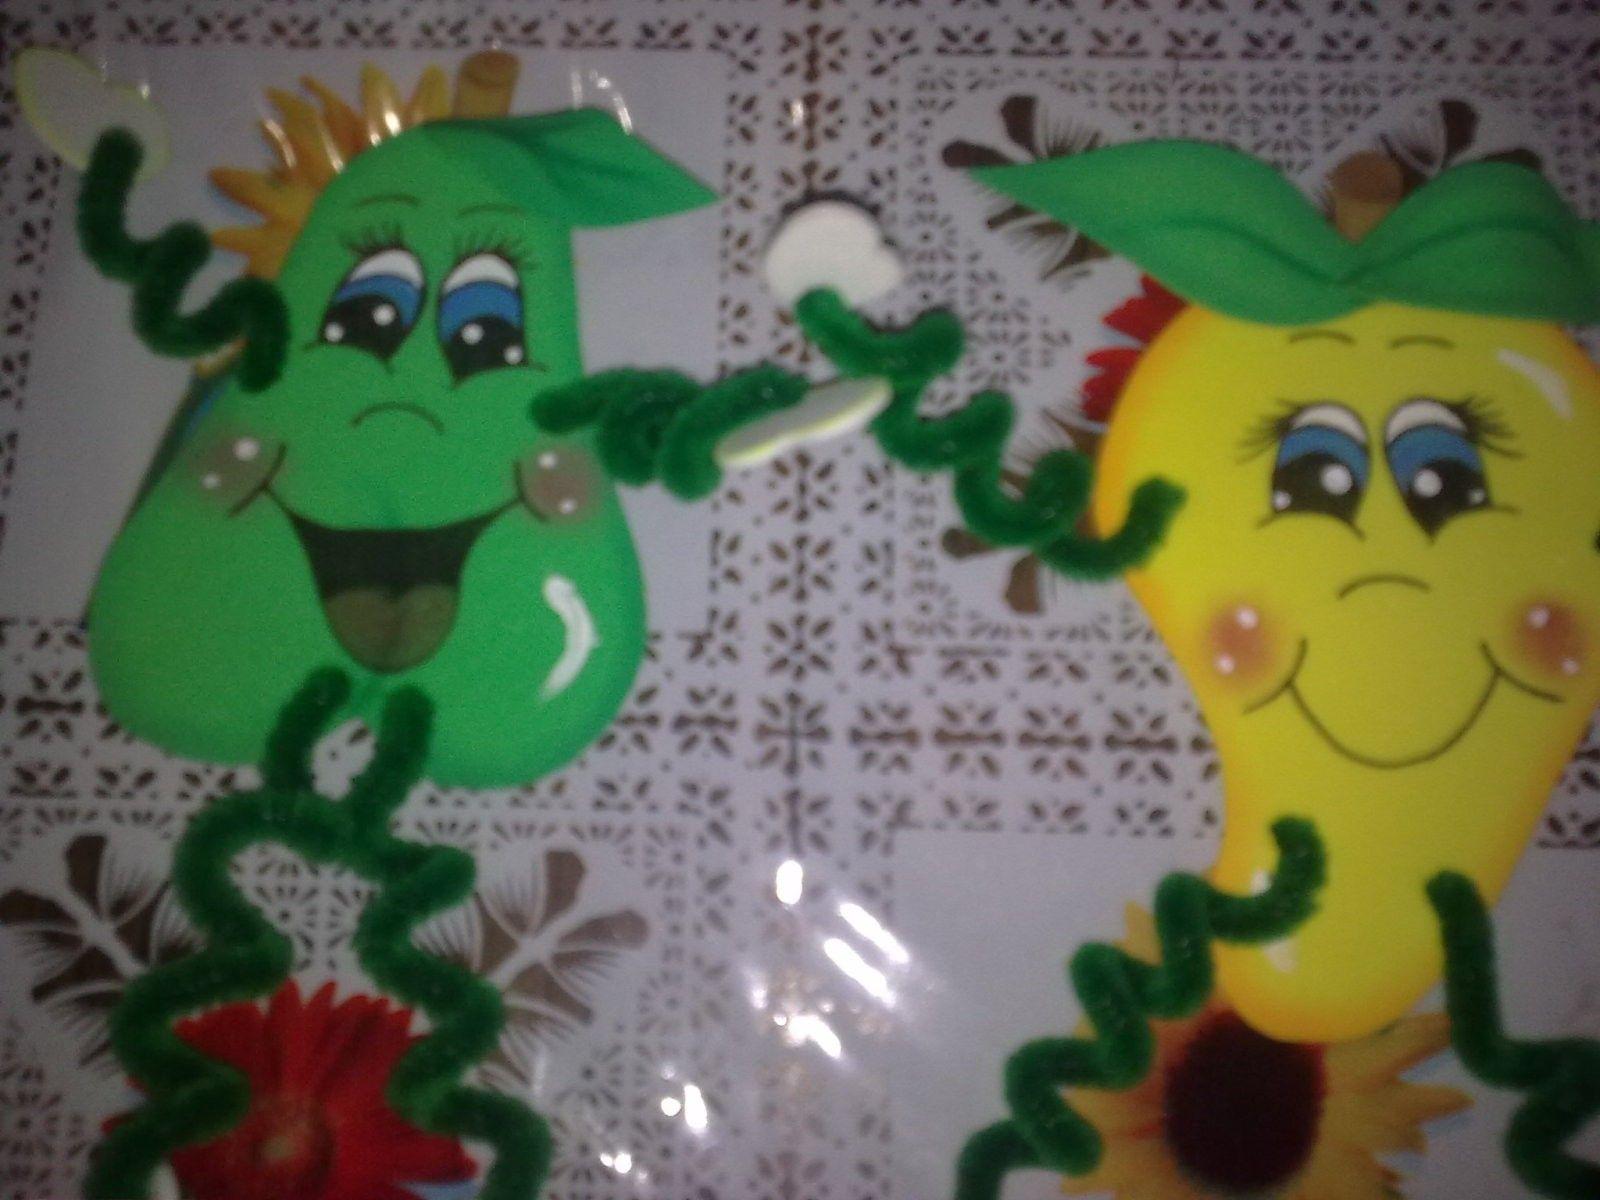 FRUTAS EN FOAMY PARA LA NEVERA (con imágenes) | Manualidades, Nevera, Imagenes  de muñecos